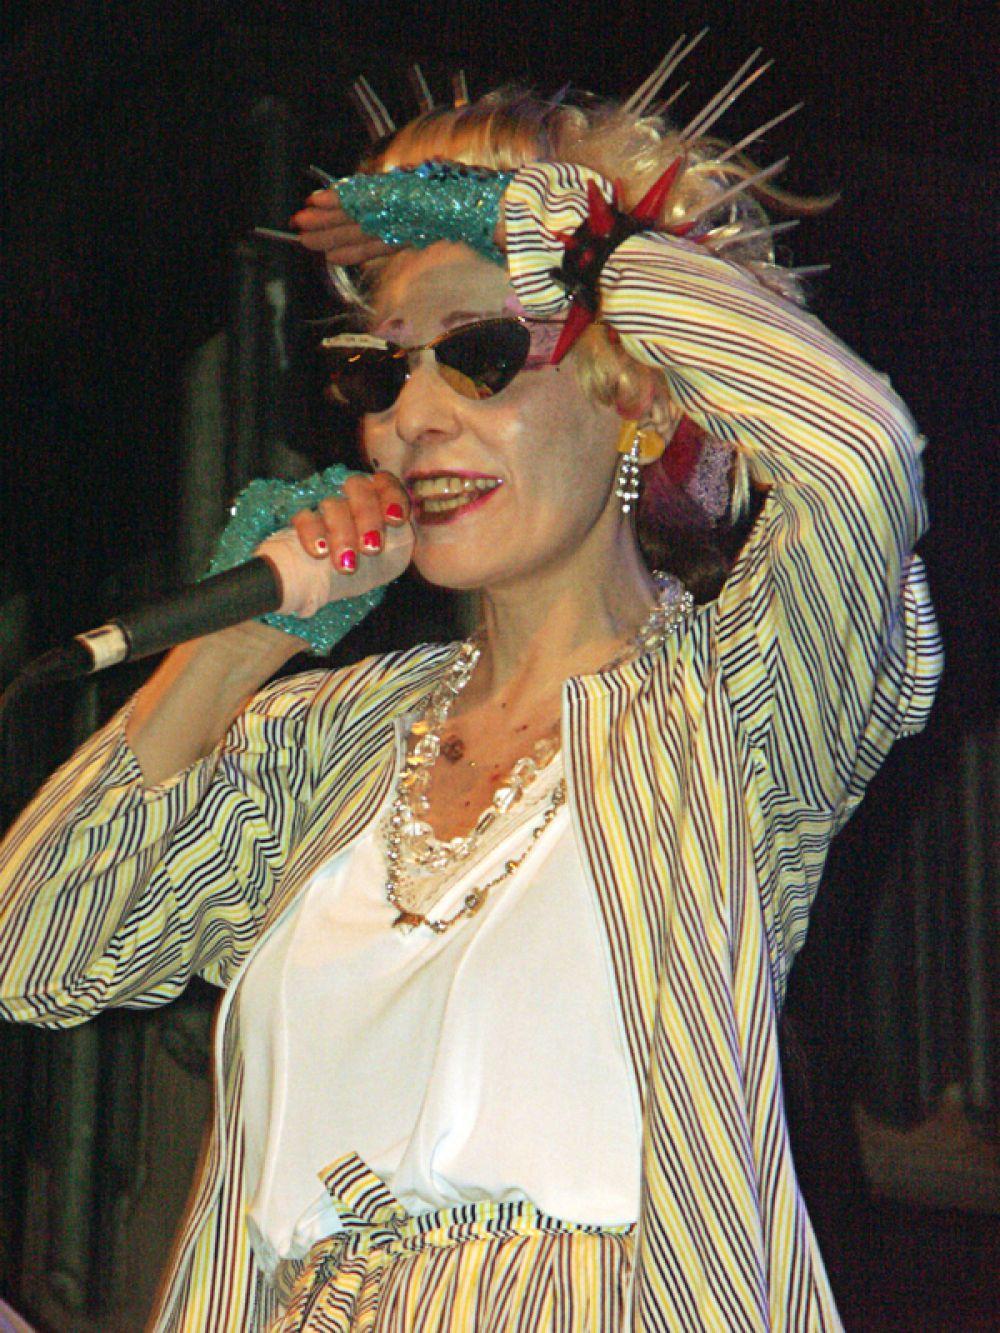 Эстрадная певица Жанна Агузарова во время выступления в одном из московских клубов, 2004 год.